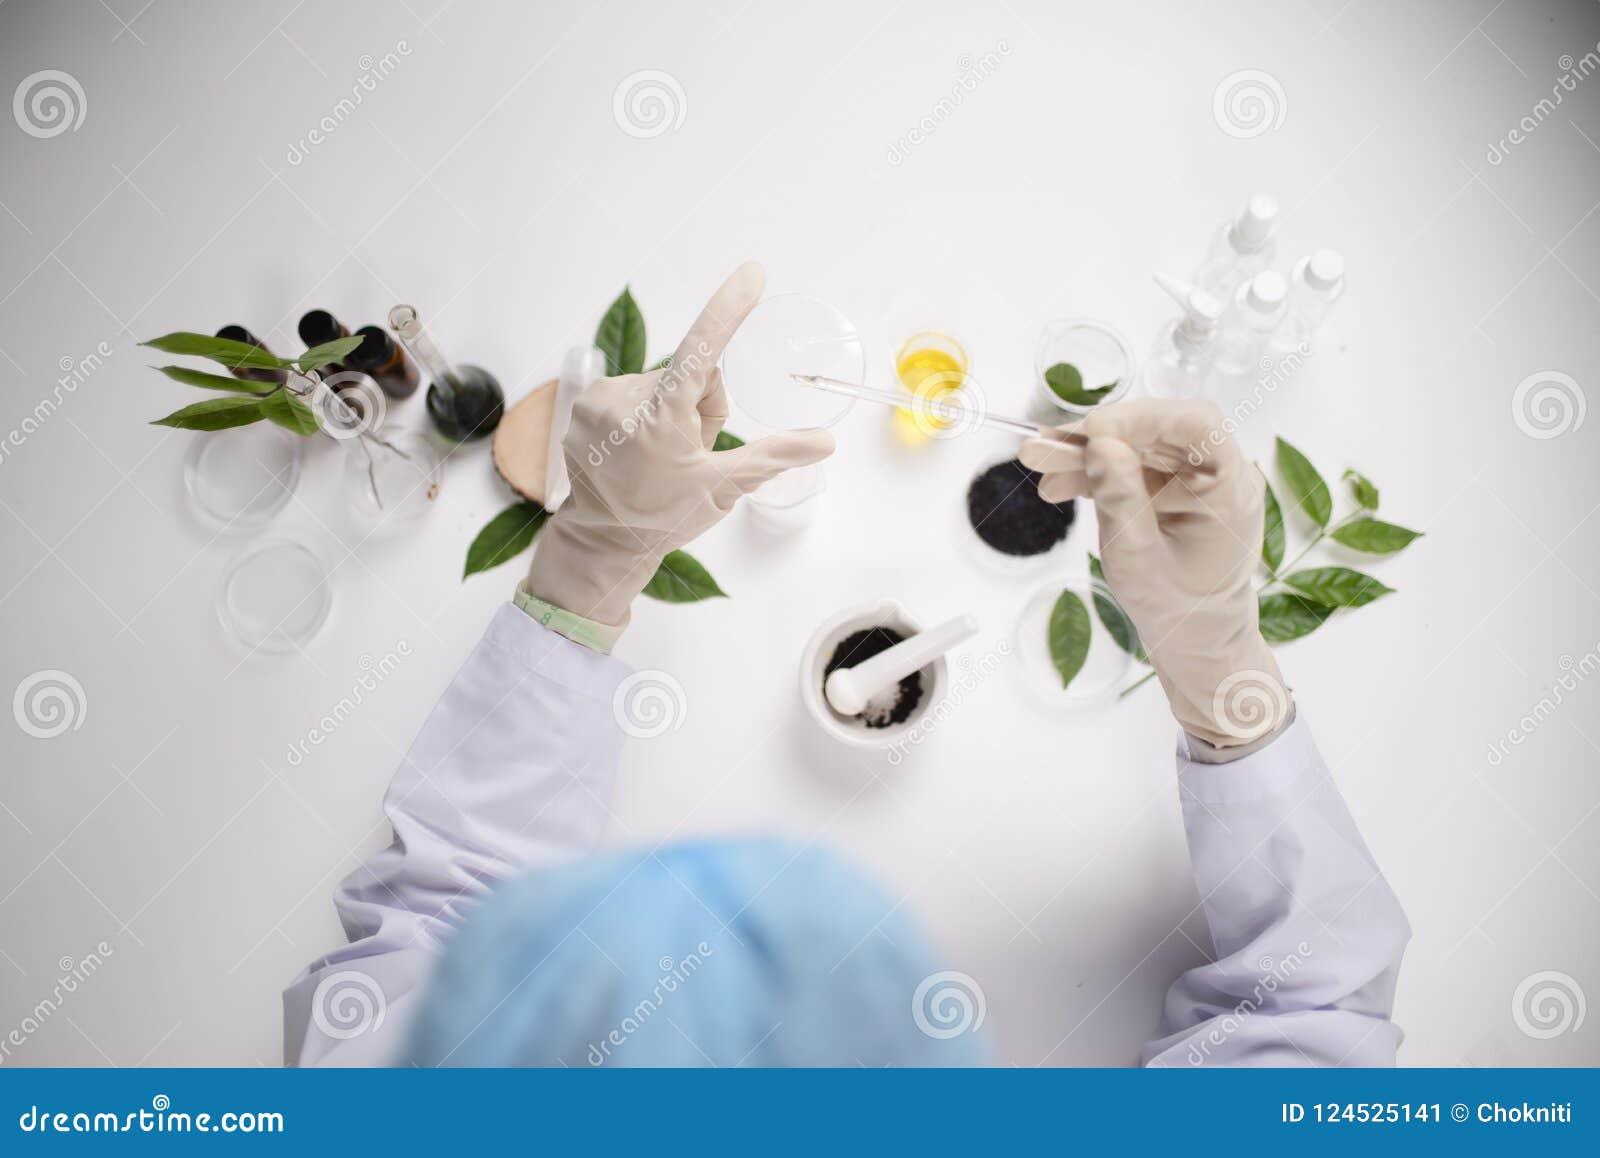 Forskarehälsovård som arbetar i vetenskaperna om olika organismers beskaffenhetlaboratorium Youn